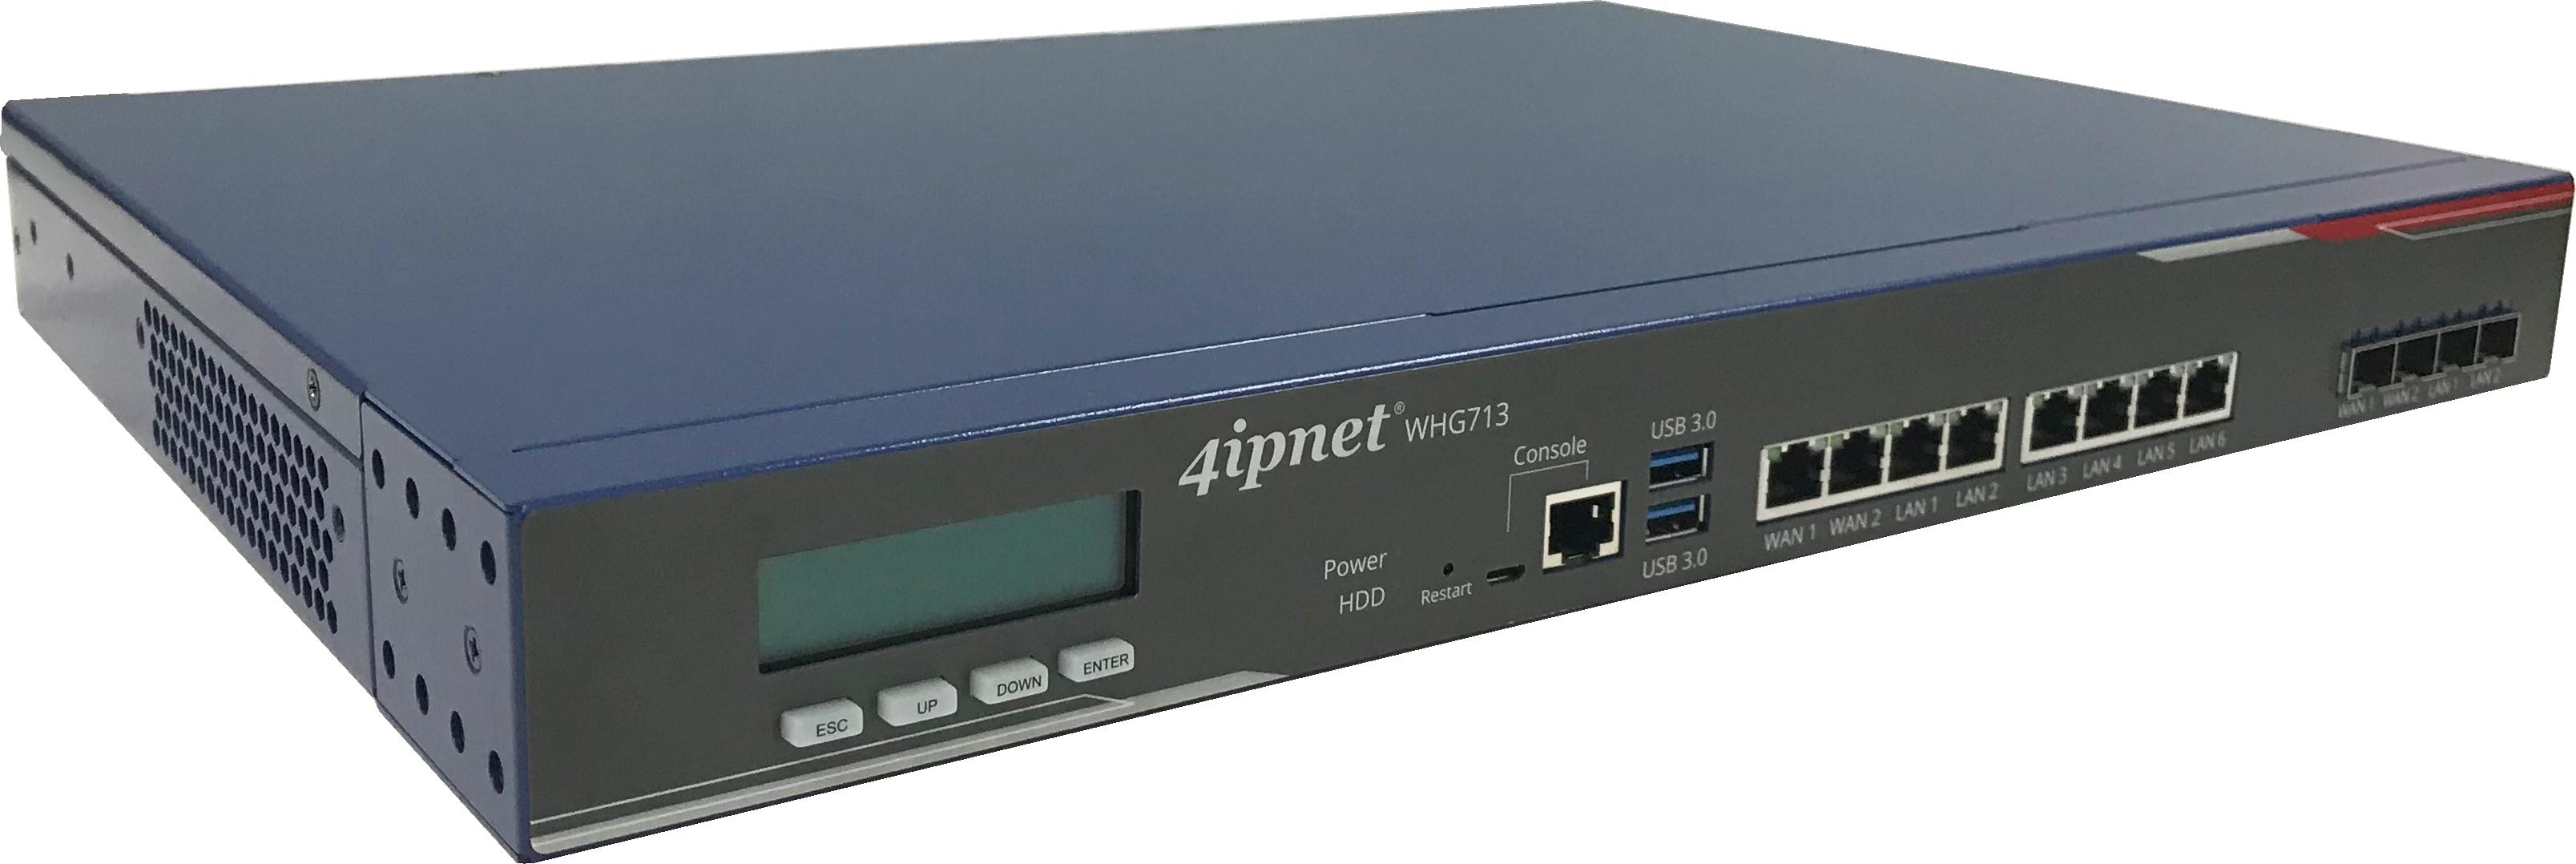 whg713:最大AP管理台数600台、最大ユーザ数30000人のコントローラ